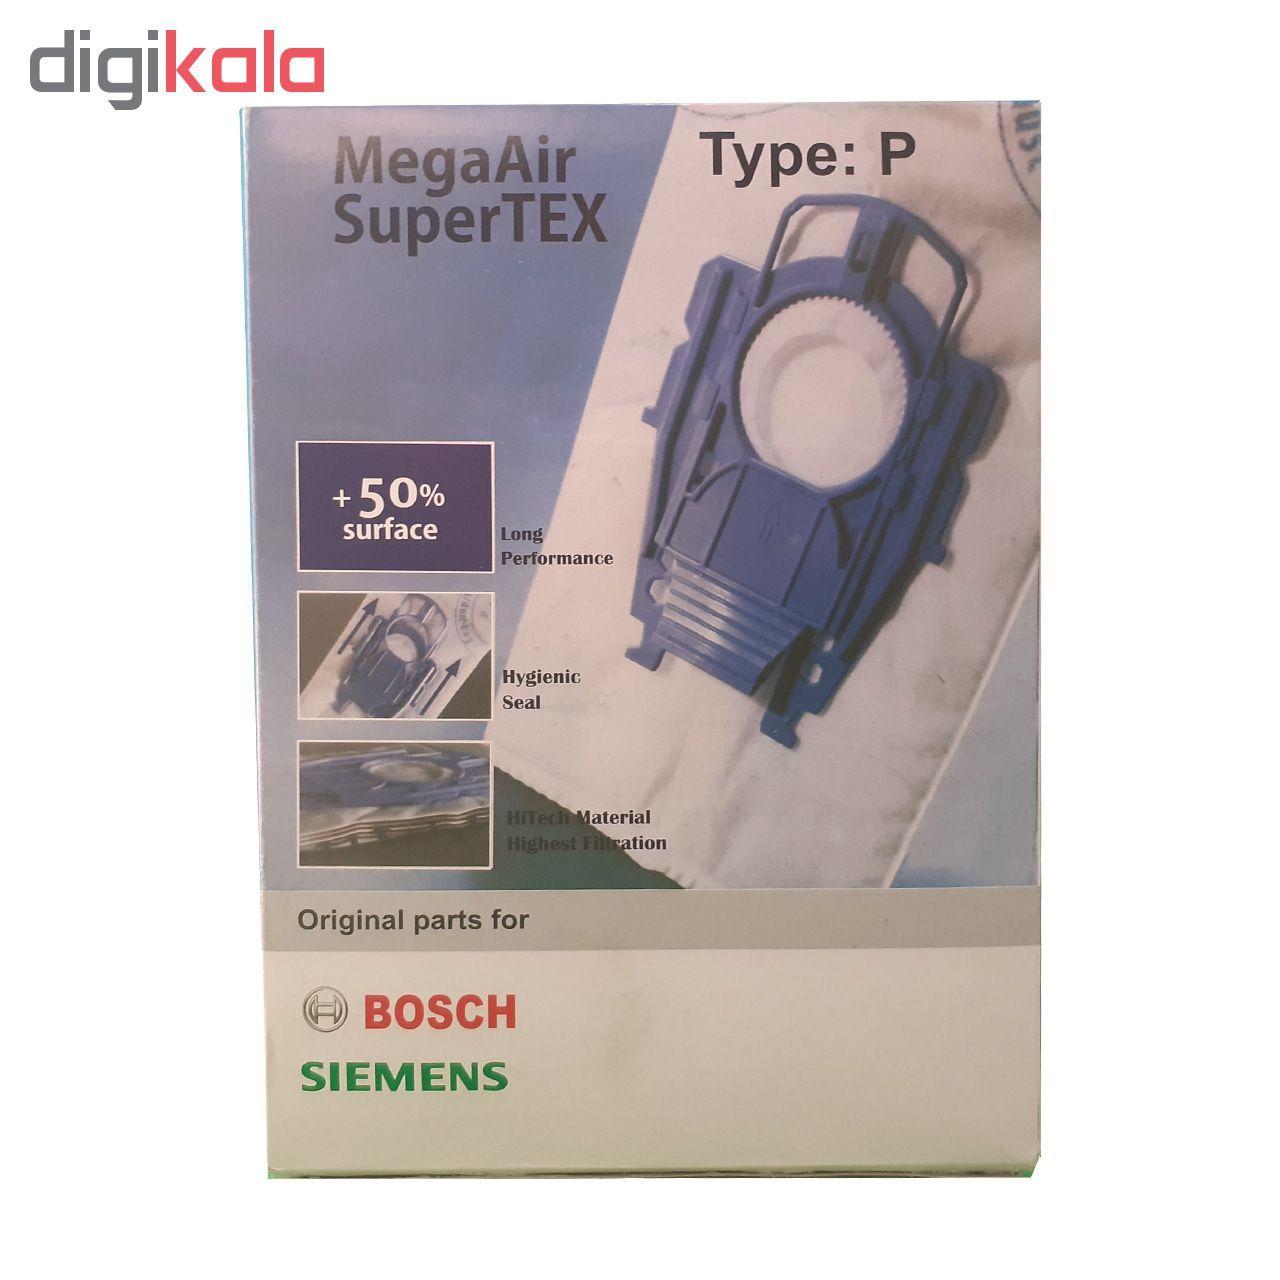 پاکت جارو برقی مگاایر مدل سوپرتکس مناسب برای جاروبرقی بوش بسته 5 عددی main 1 1